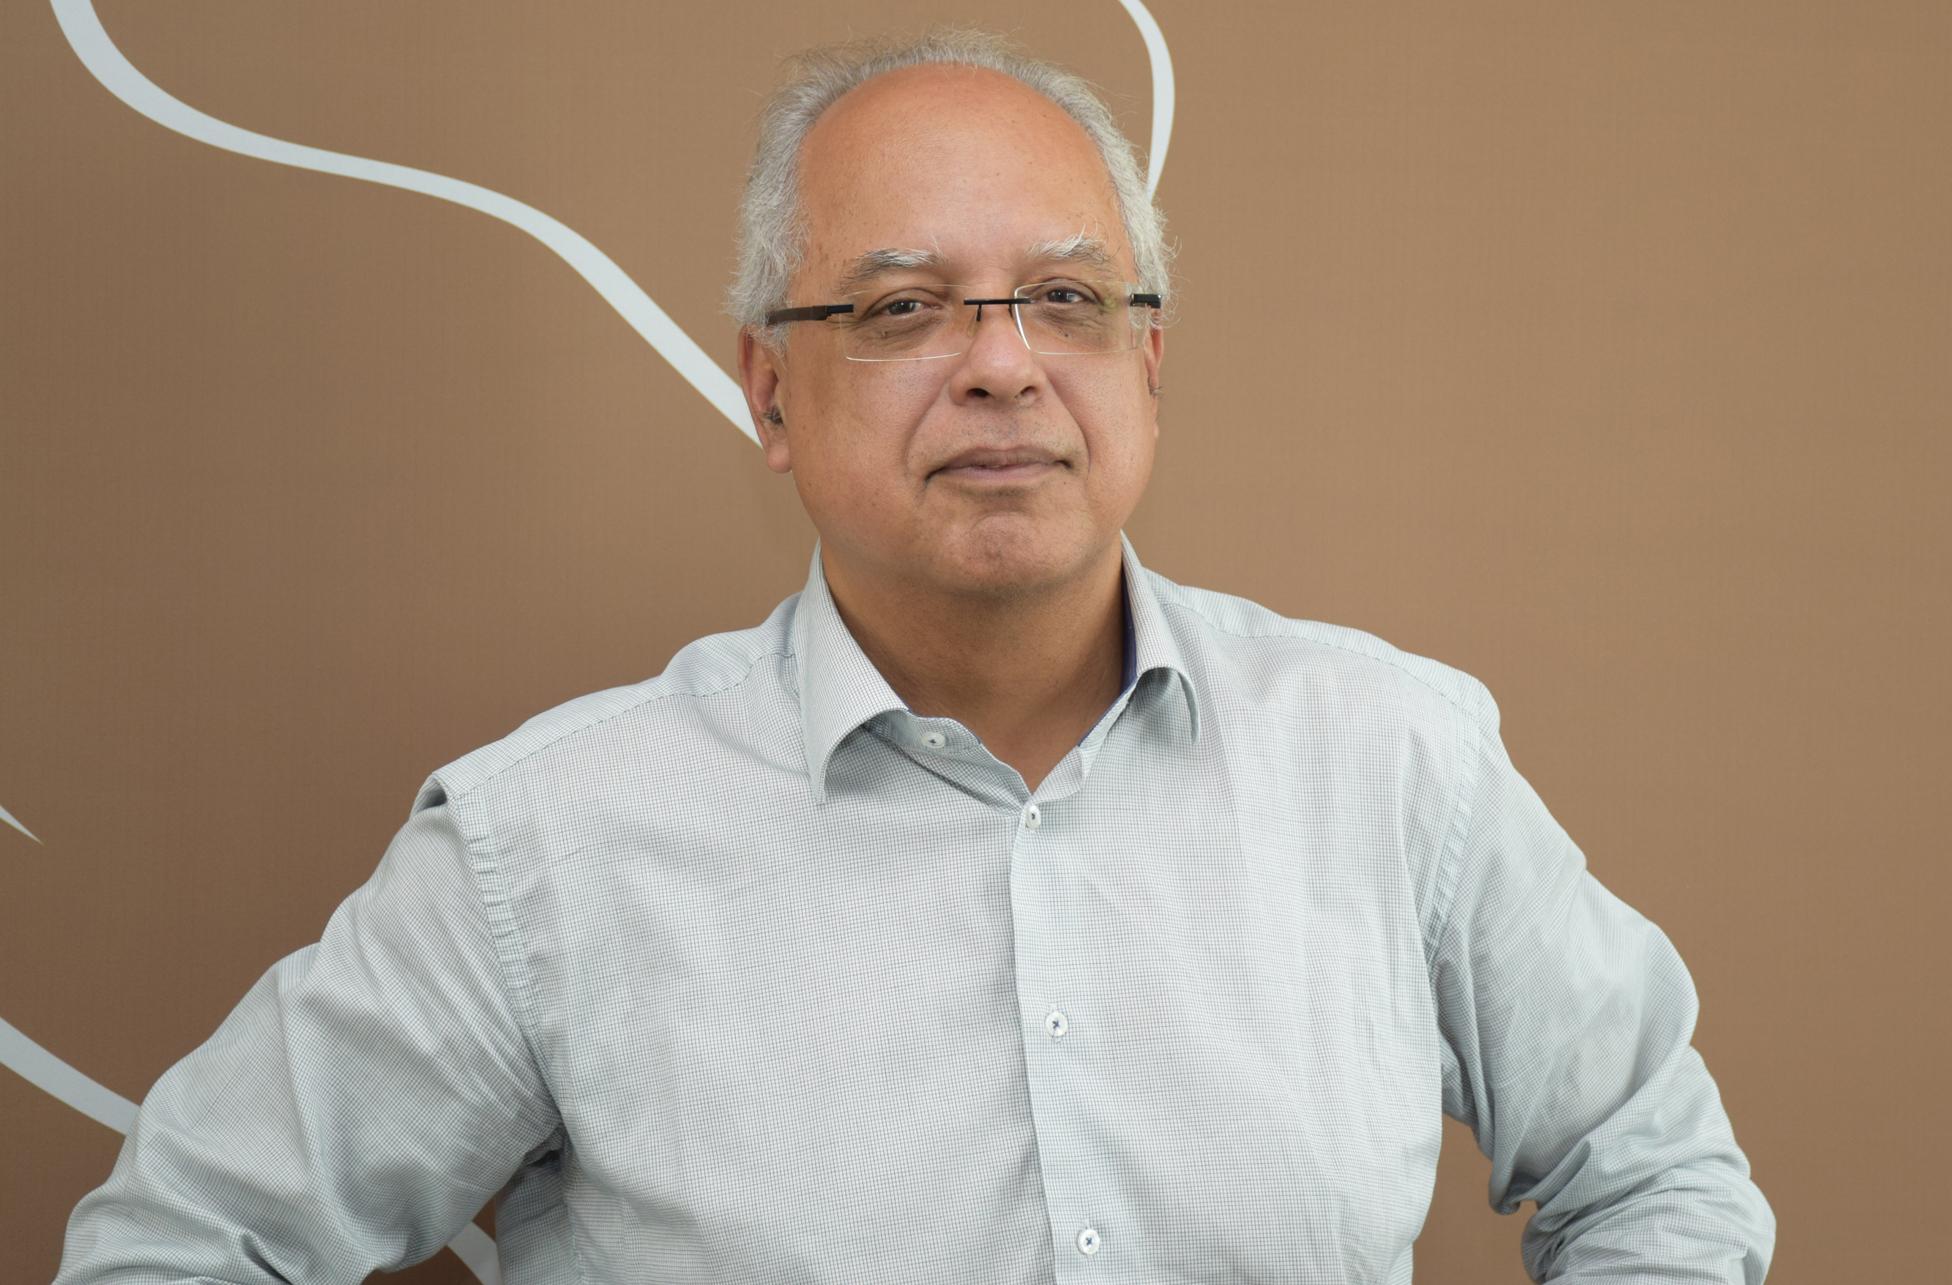 Didier Fauchard, Président du Medef Réunion ©Guillaume Foulon / Eco Austral